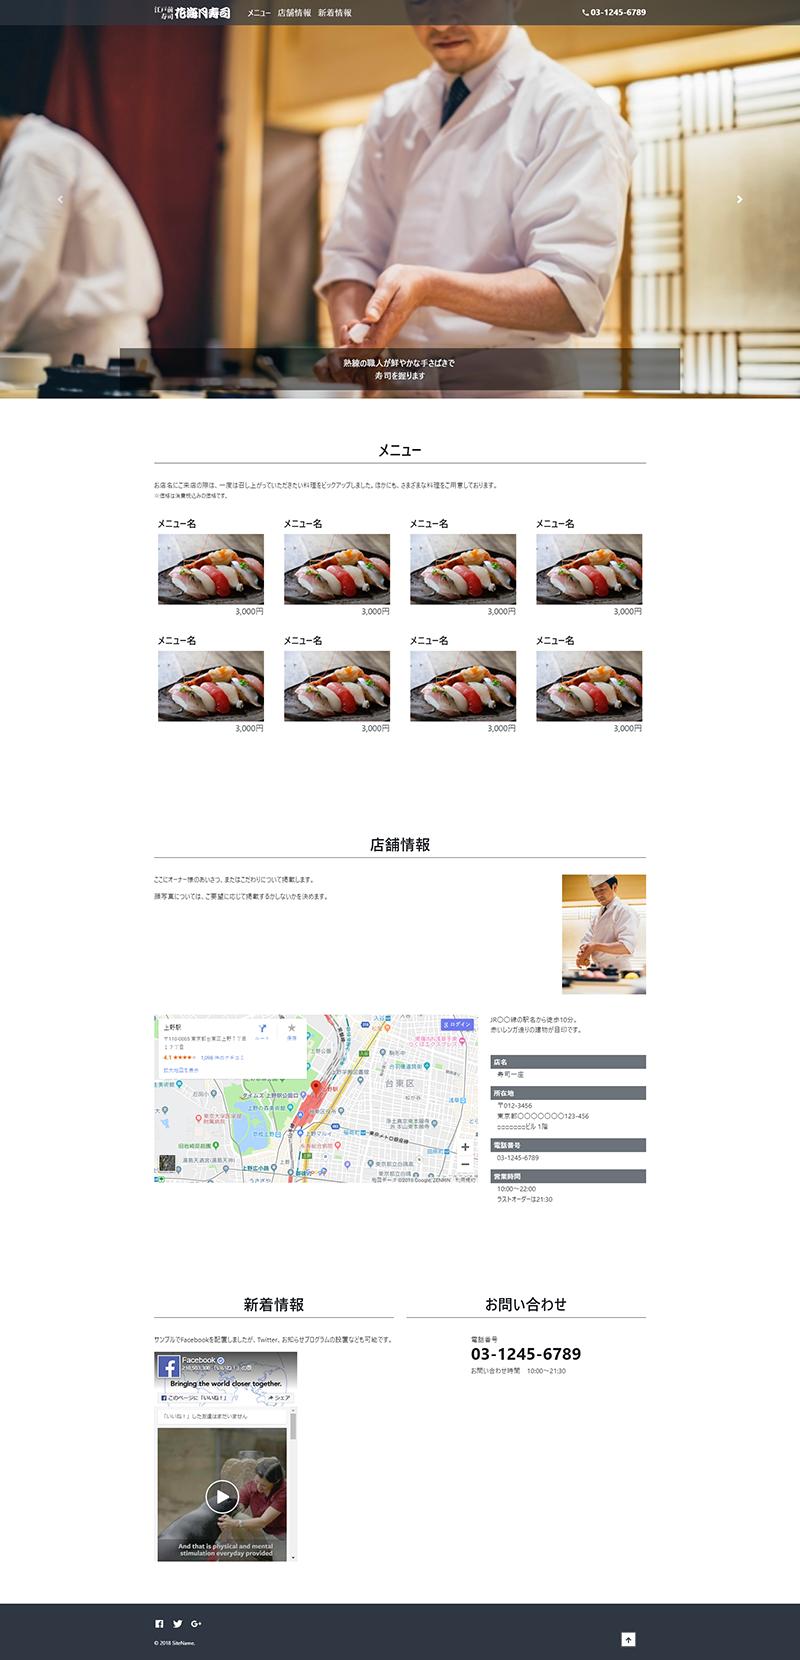 寿司屋ホームページテンプレートサンプル